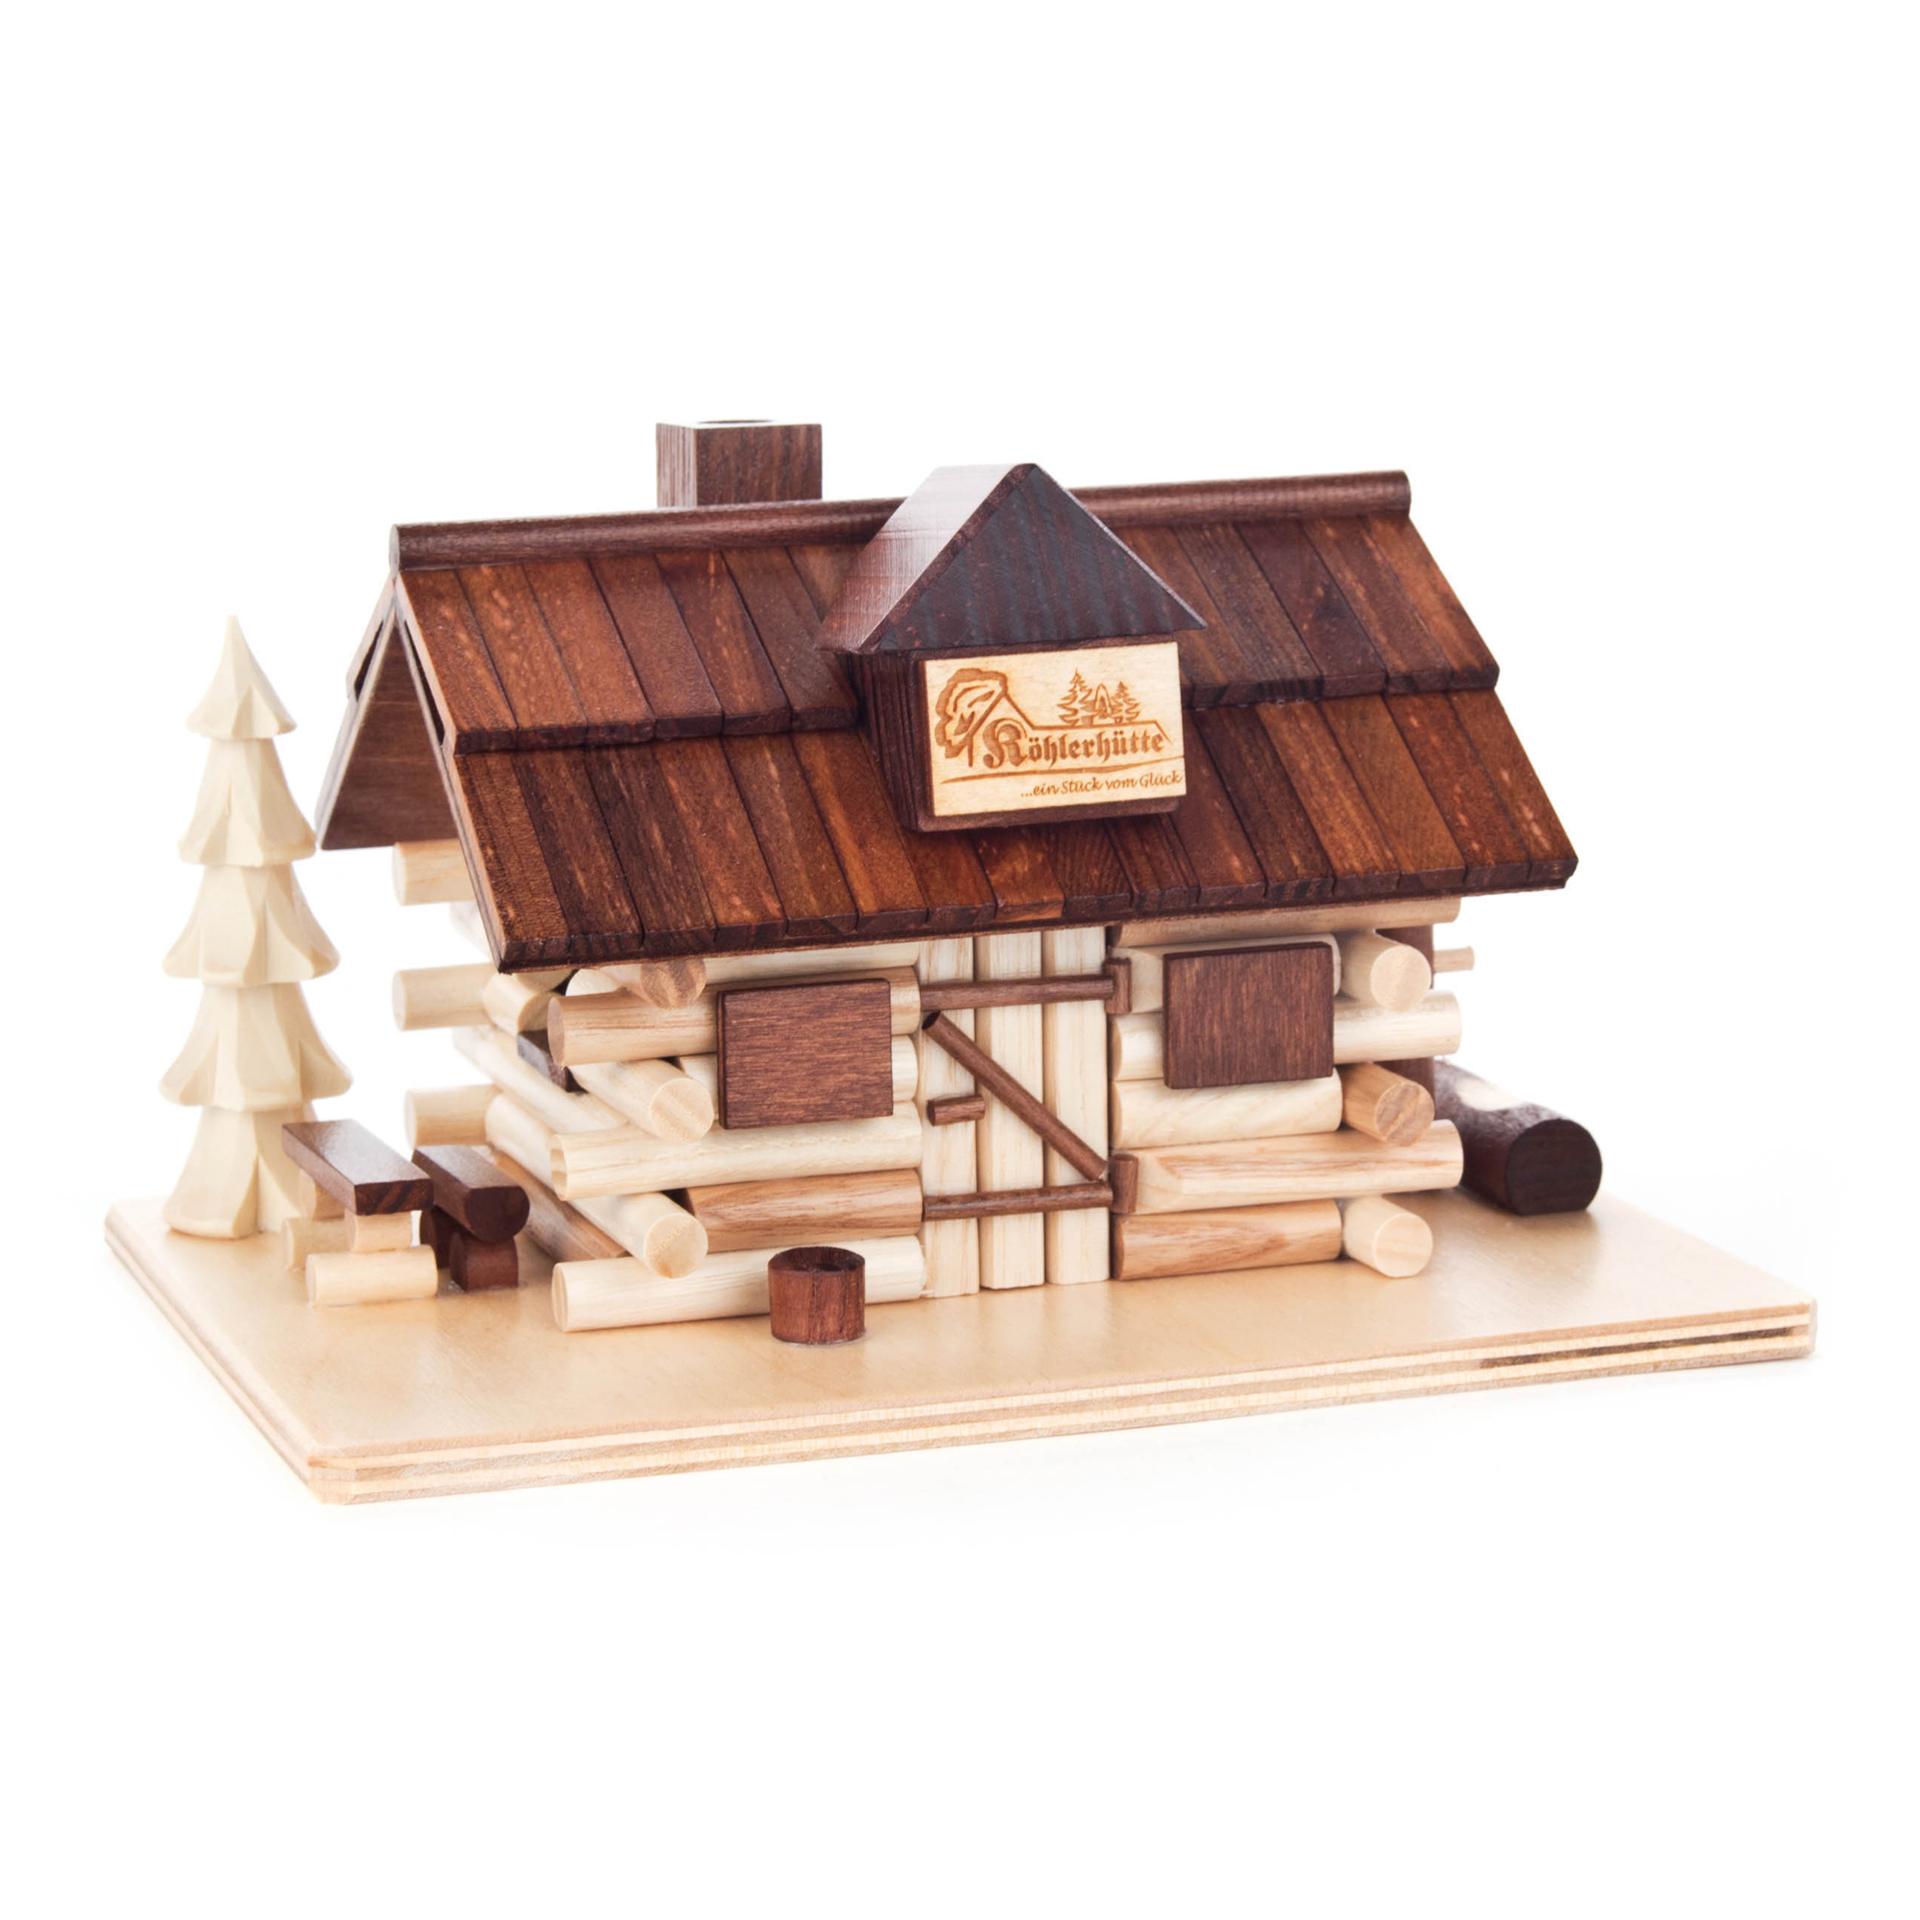 Rauchhaus Köhlerhütte